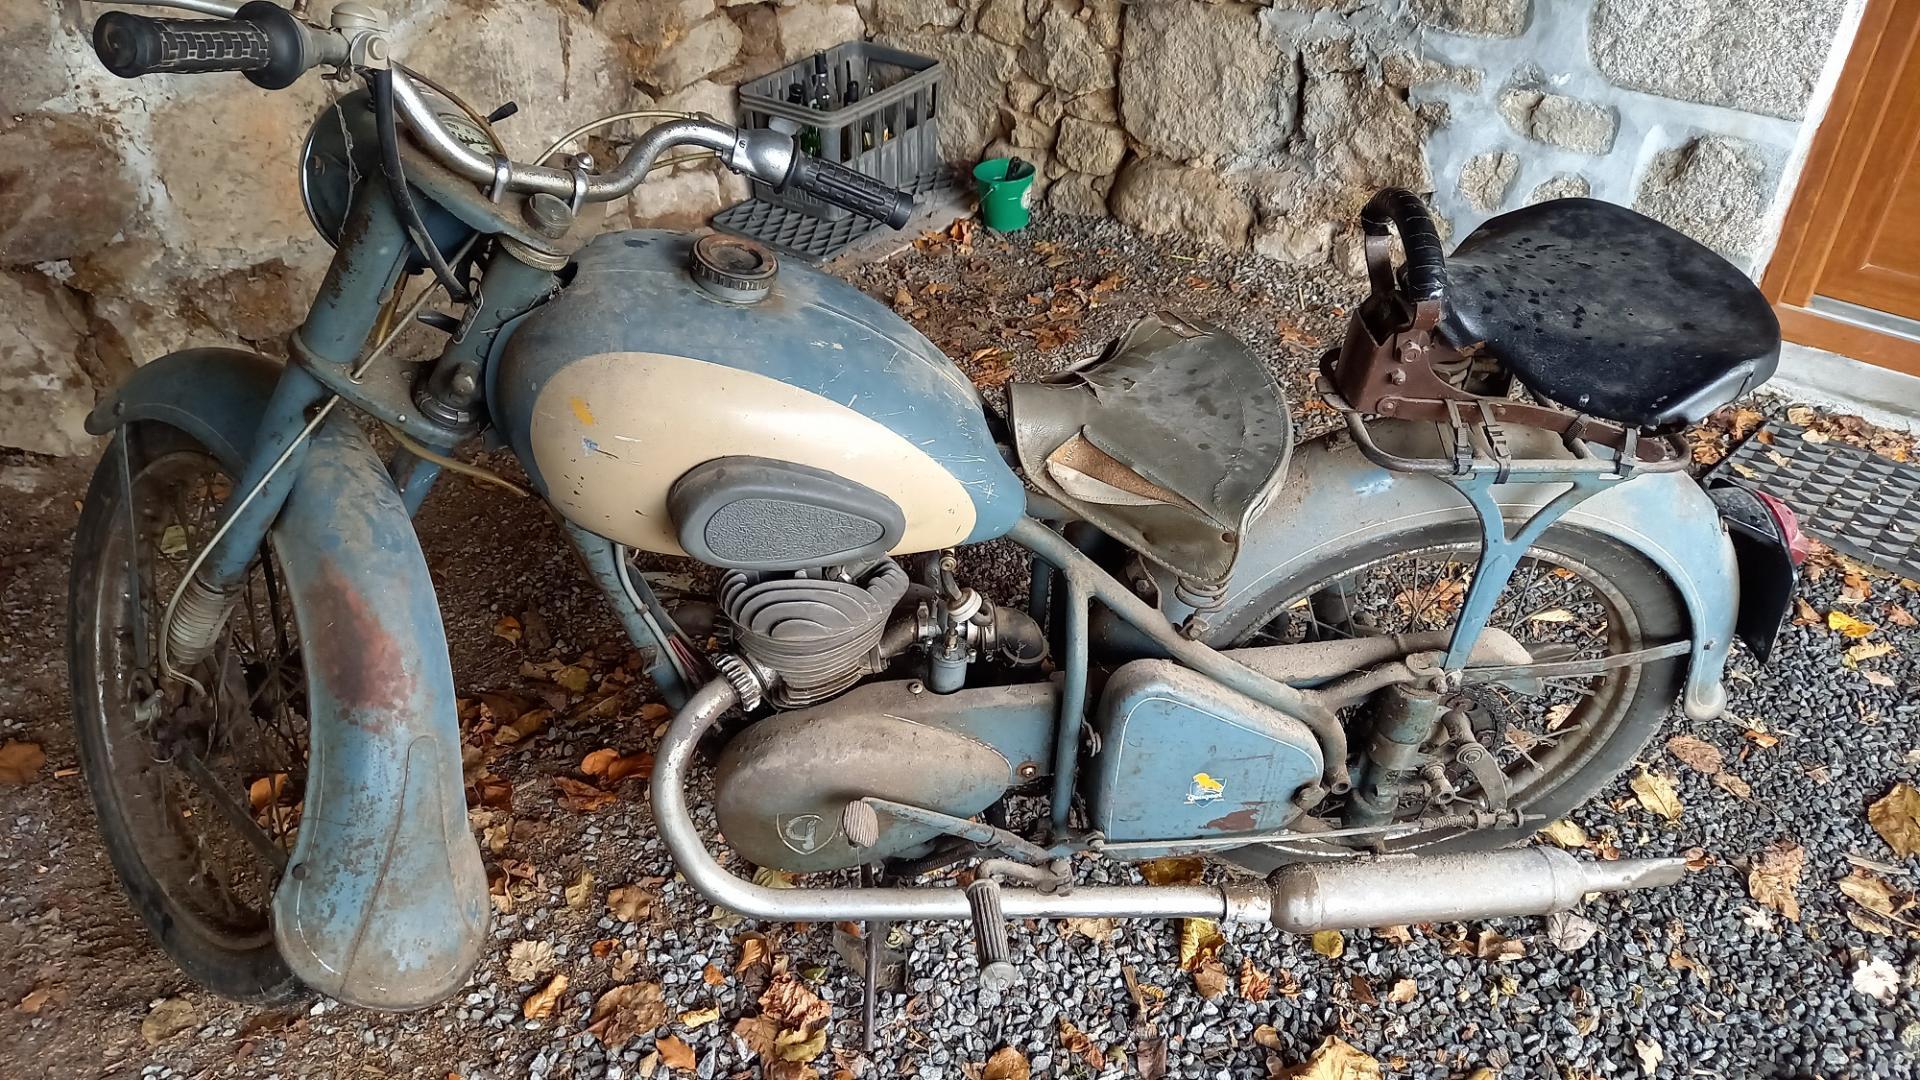 Dernier achat peugeot 125 57tc 1955 r